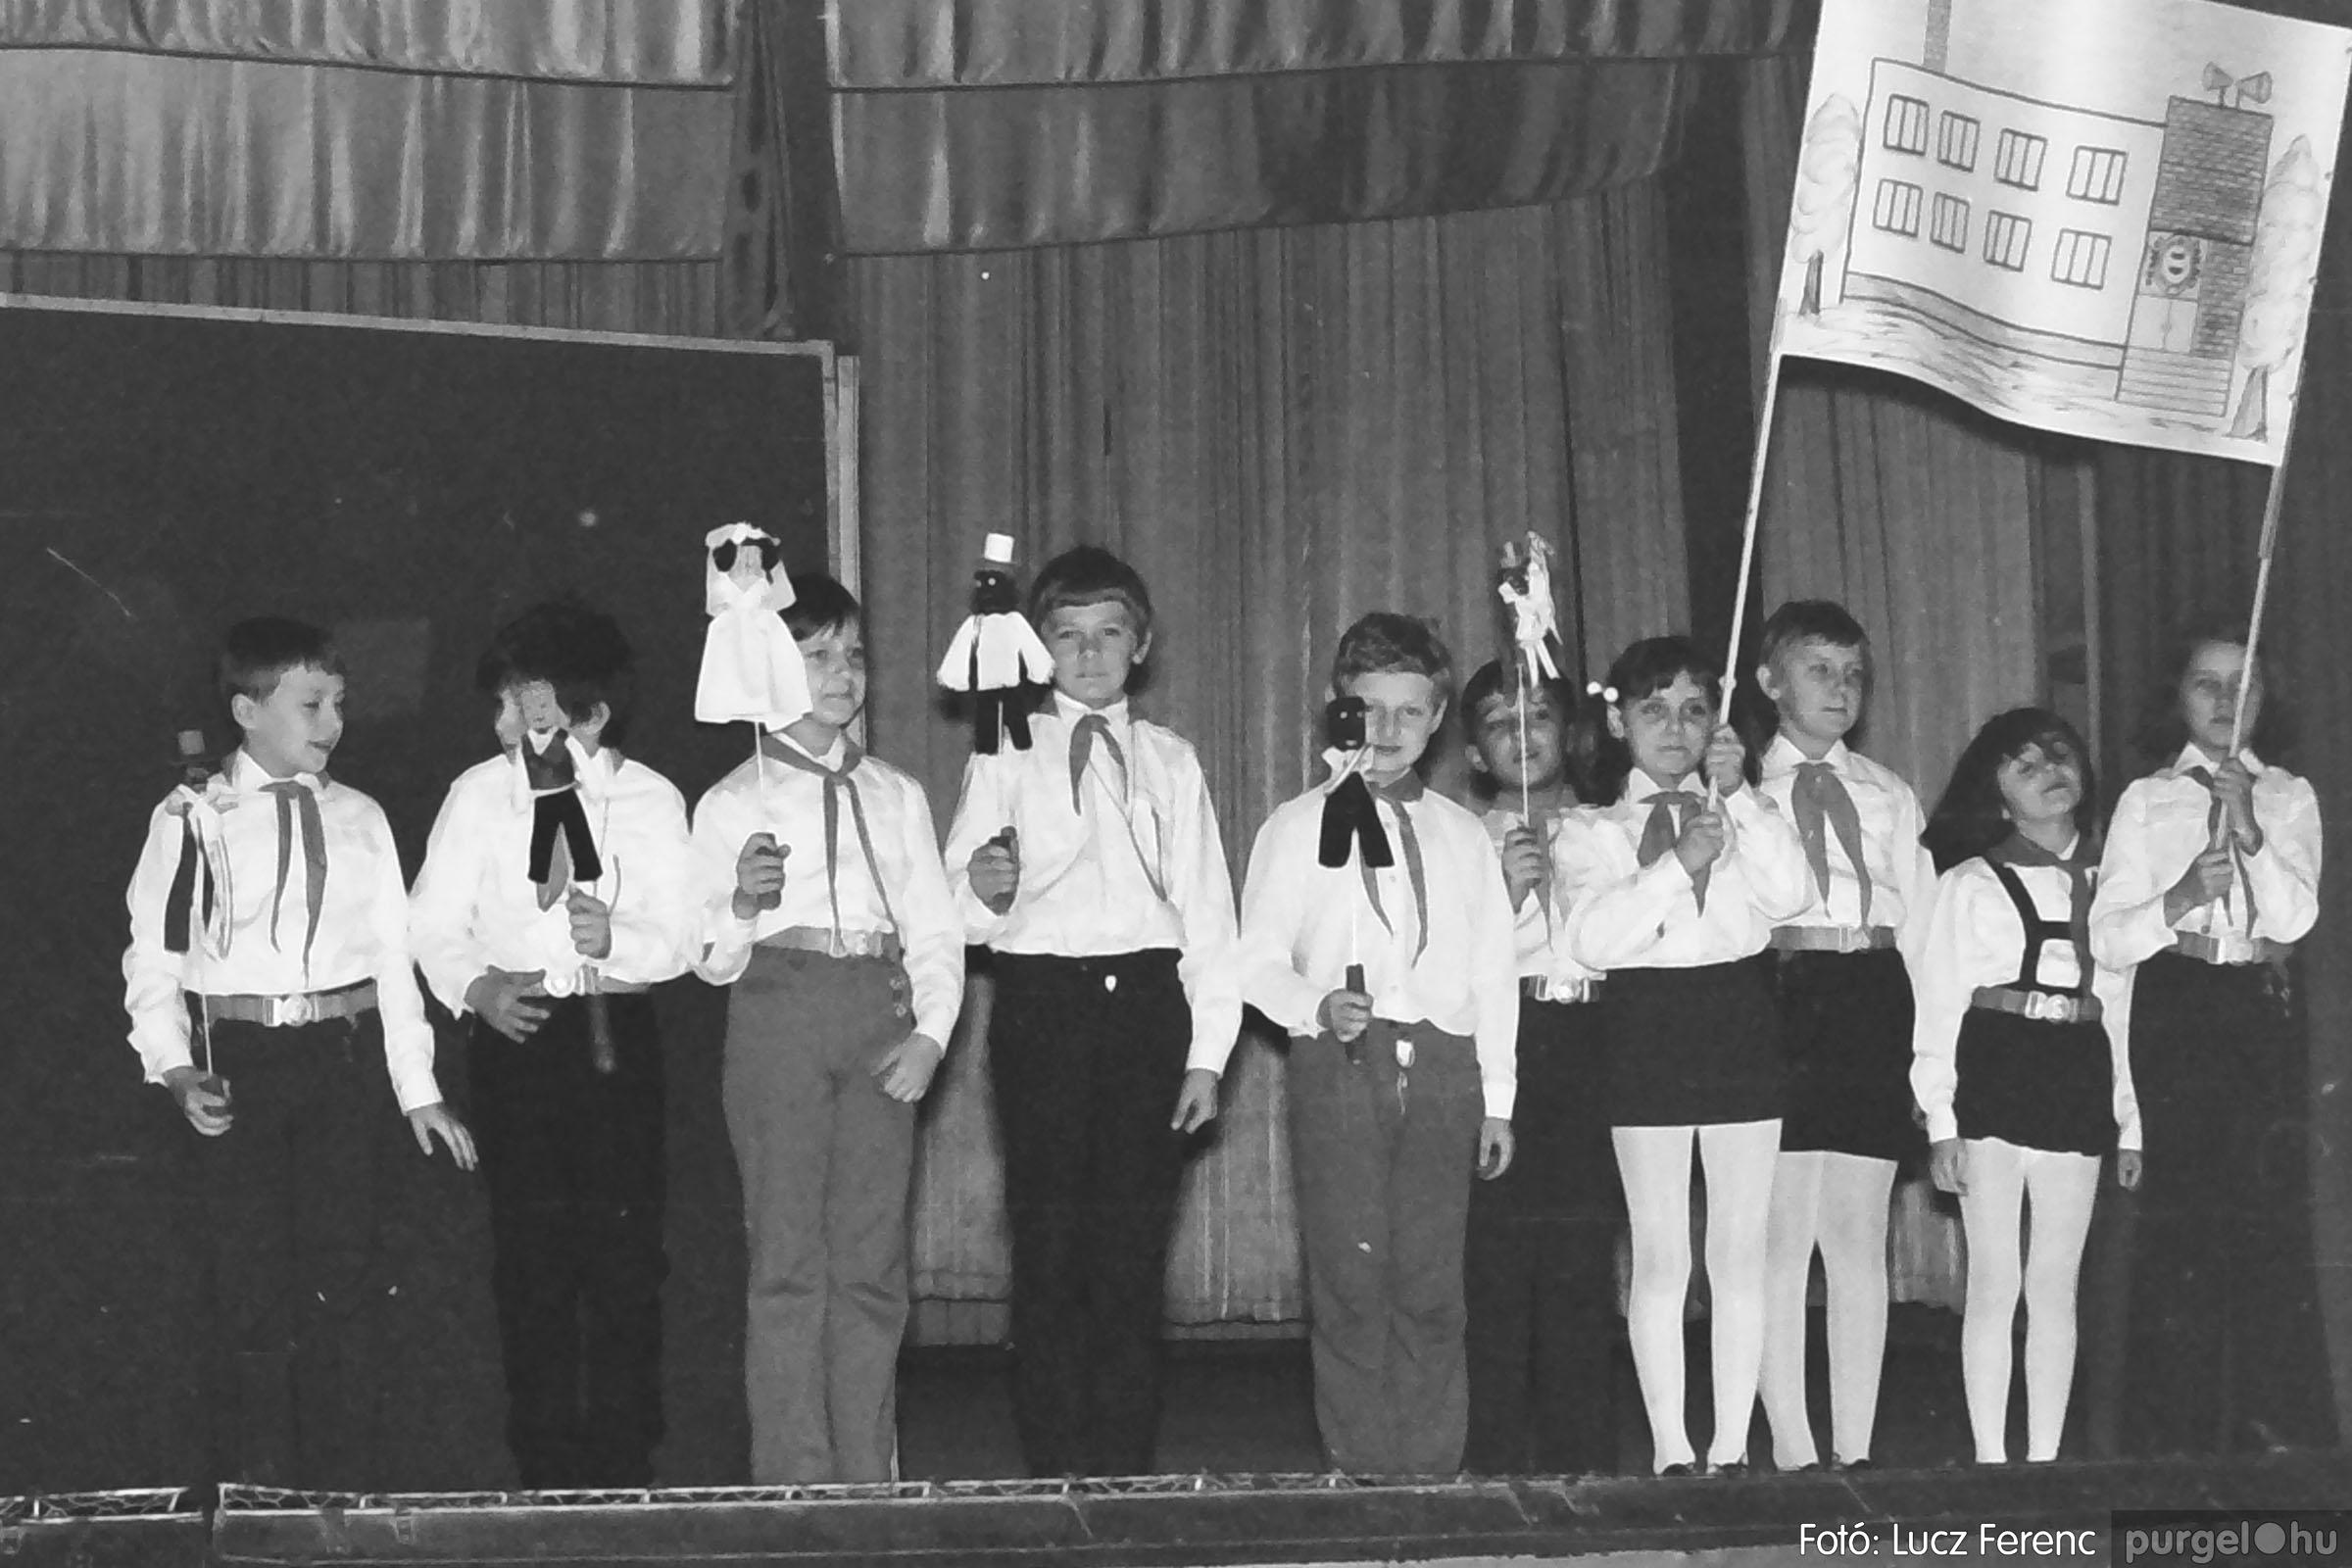 033. 1976. Diákrendezvény a kultúrházban 002 - Fotó: Lucz Ferenc.jpg